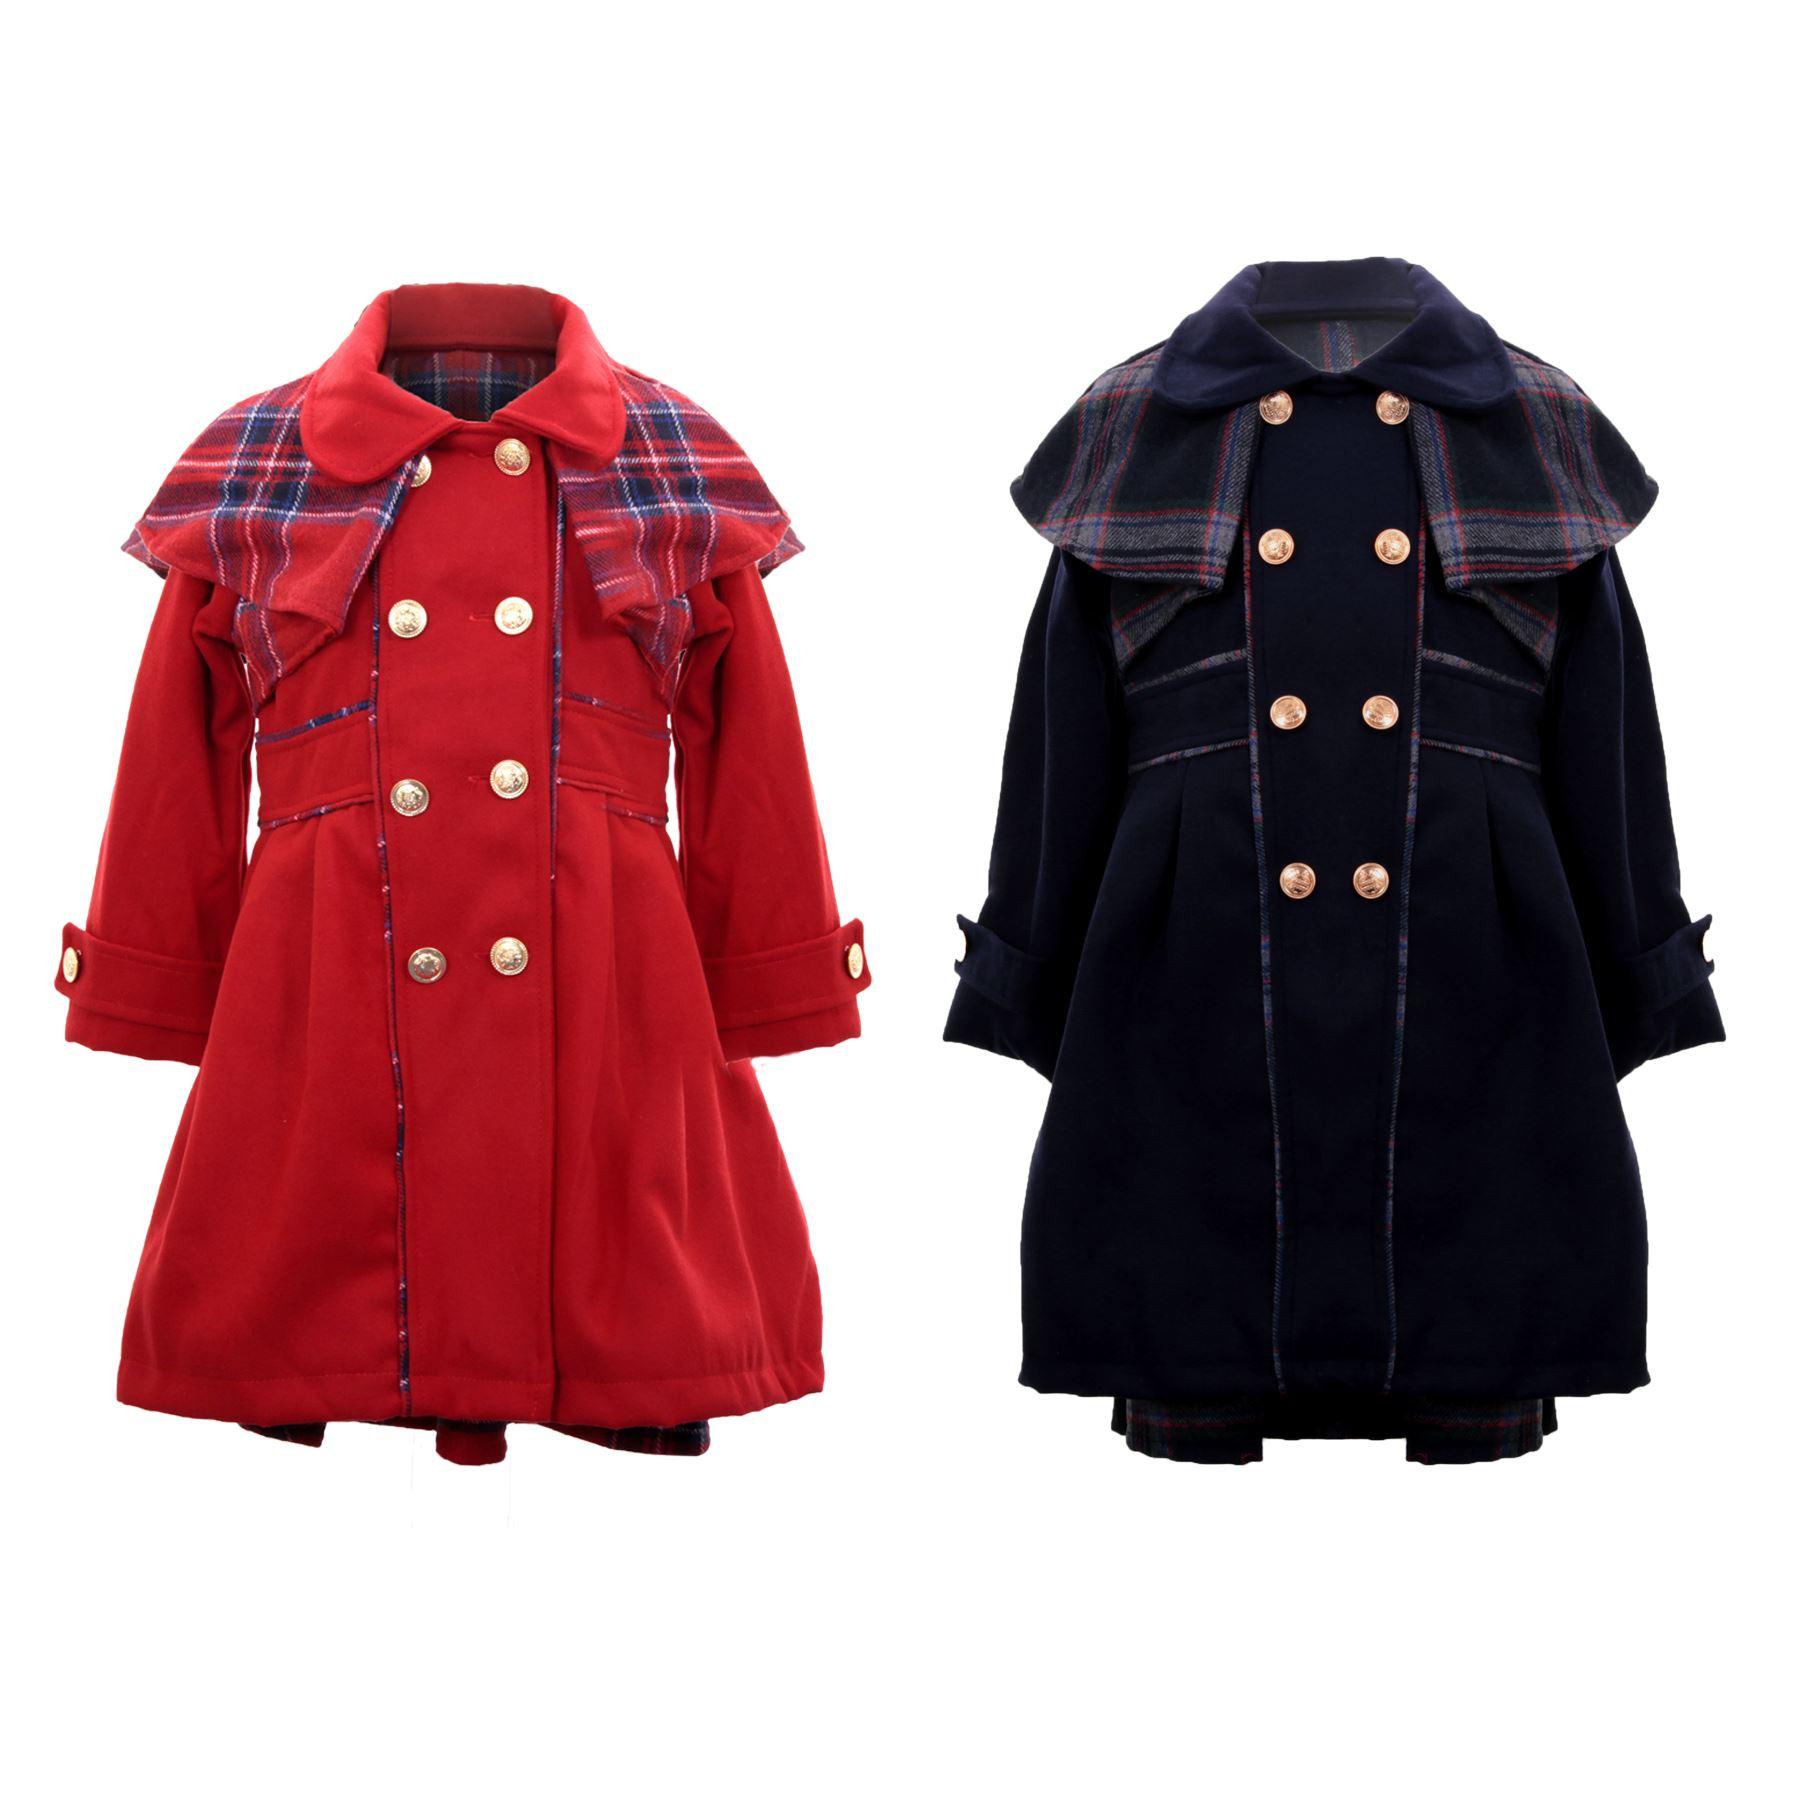 Childrens Lined Warm Fleece Smart Coat Skater Dress Girls Tartan Matching Set